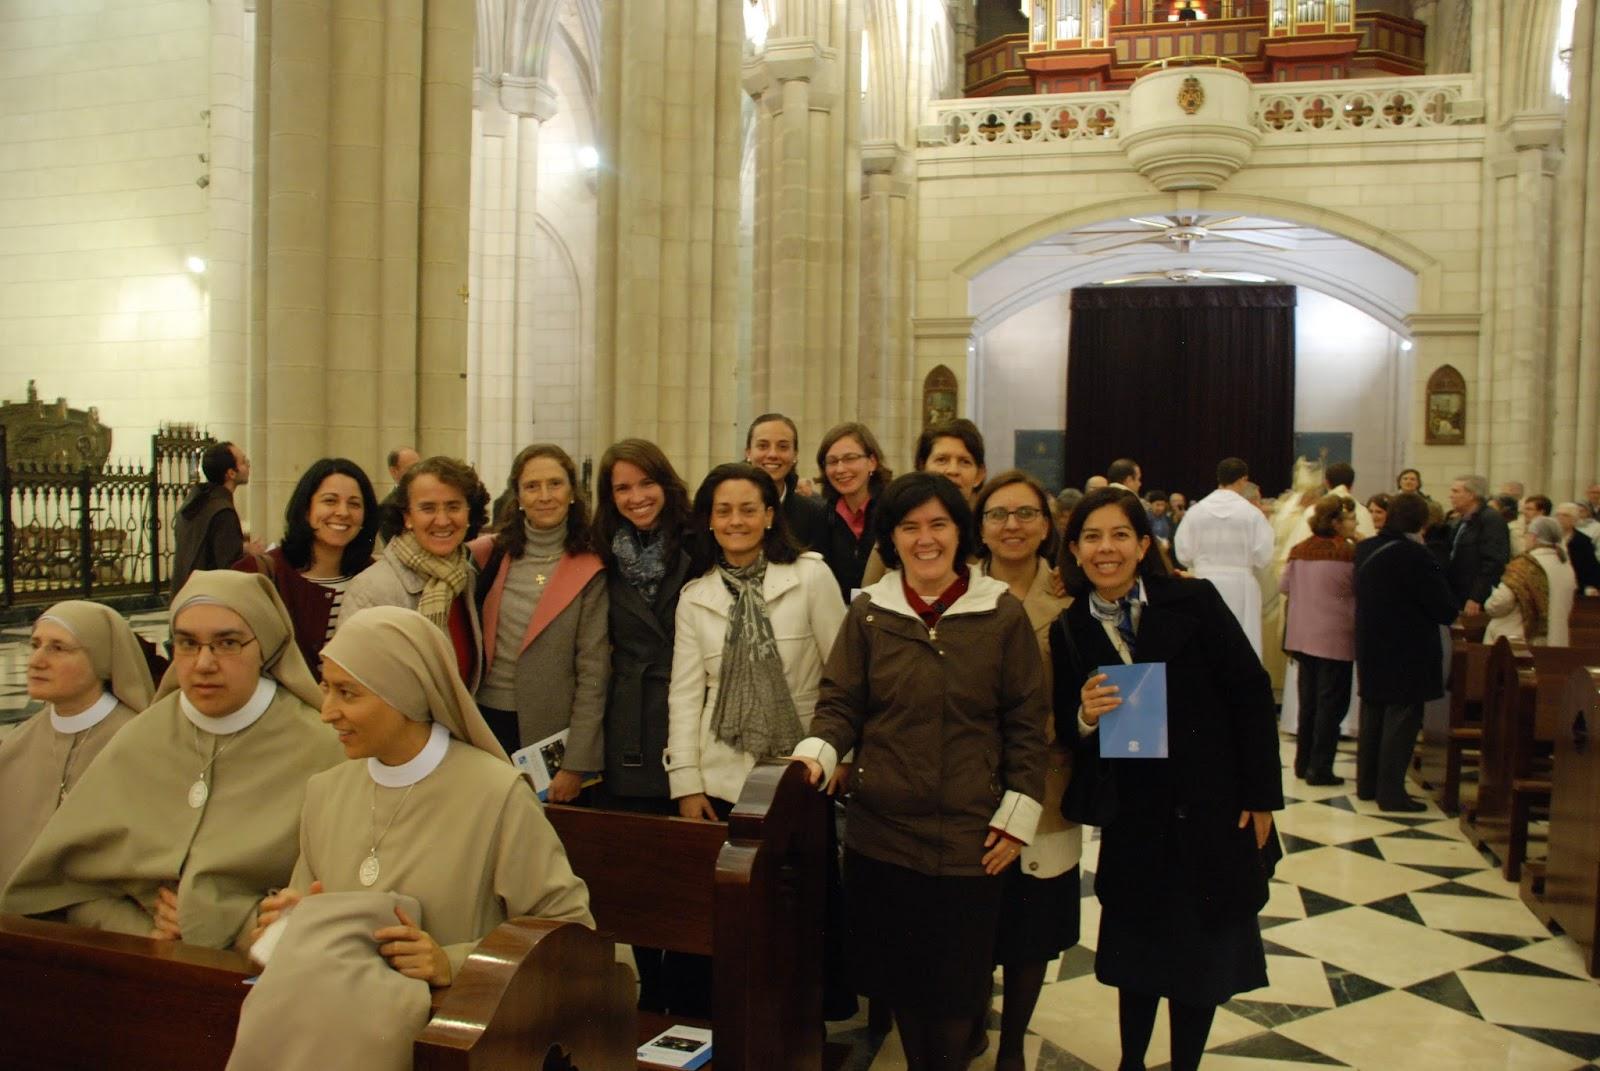 El arzobispo de Madrid preside hoy una Eucaristía en la catedral de la Almudena en la Jornada de la Vida Consagrada